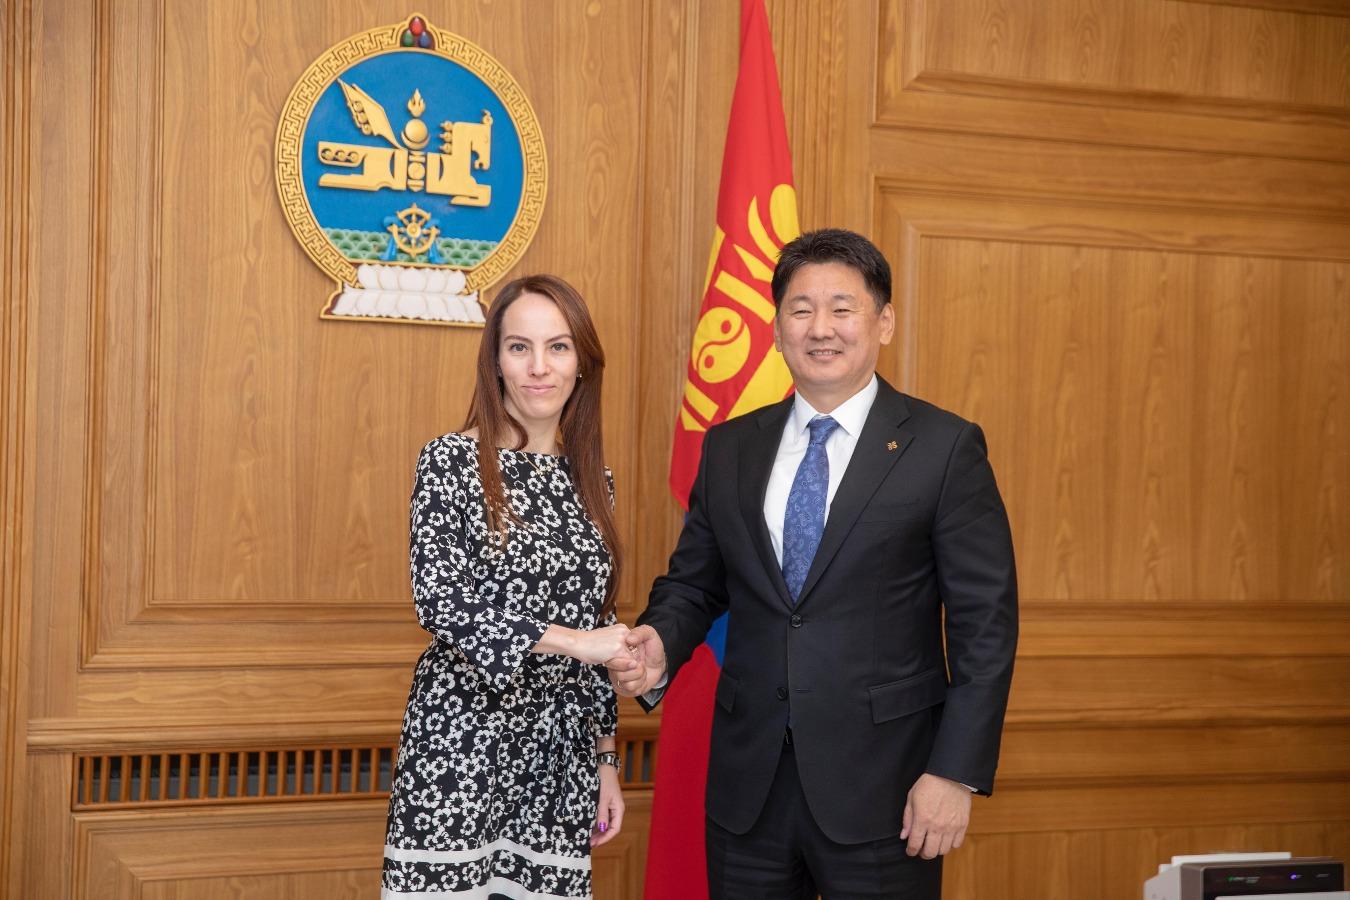 Монгол Улсын Ерөнхий сайд У.Хүрэлсүх ОУПХ-ны Ерөнхийлөгчийг хүлээн авч уулзав